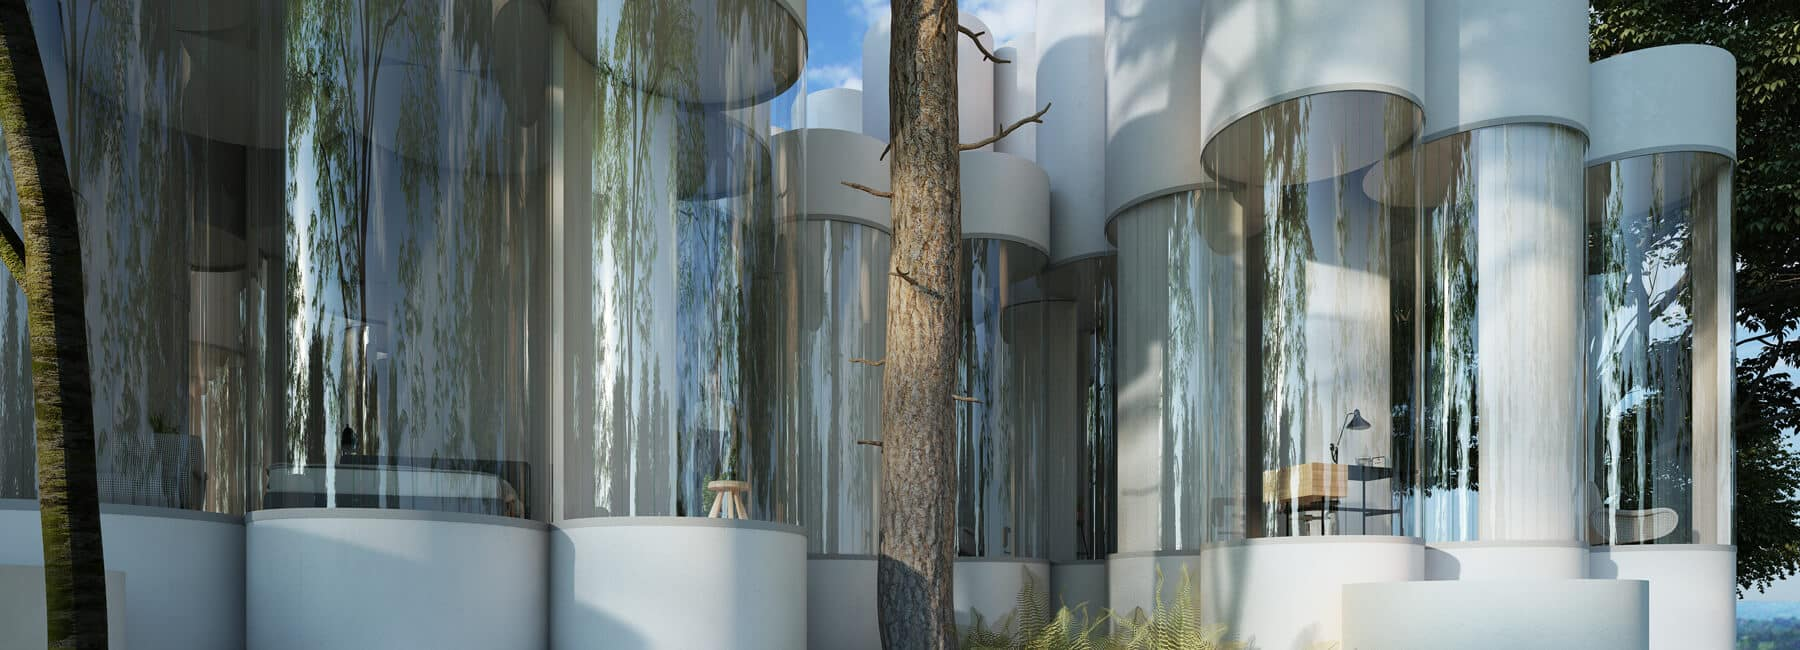 Цилиндрический дом посреди леса, фото 11